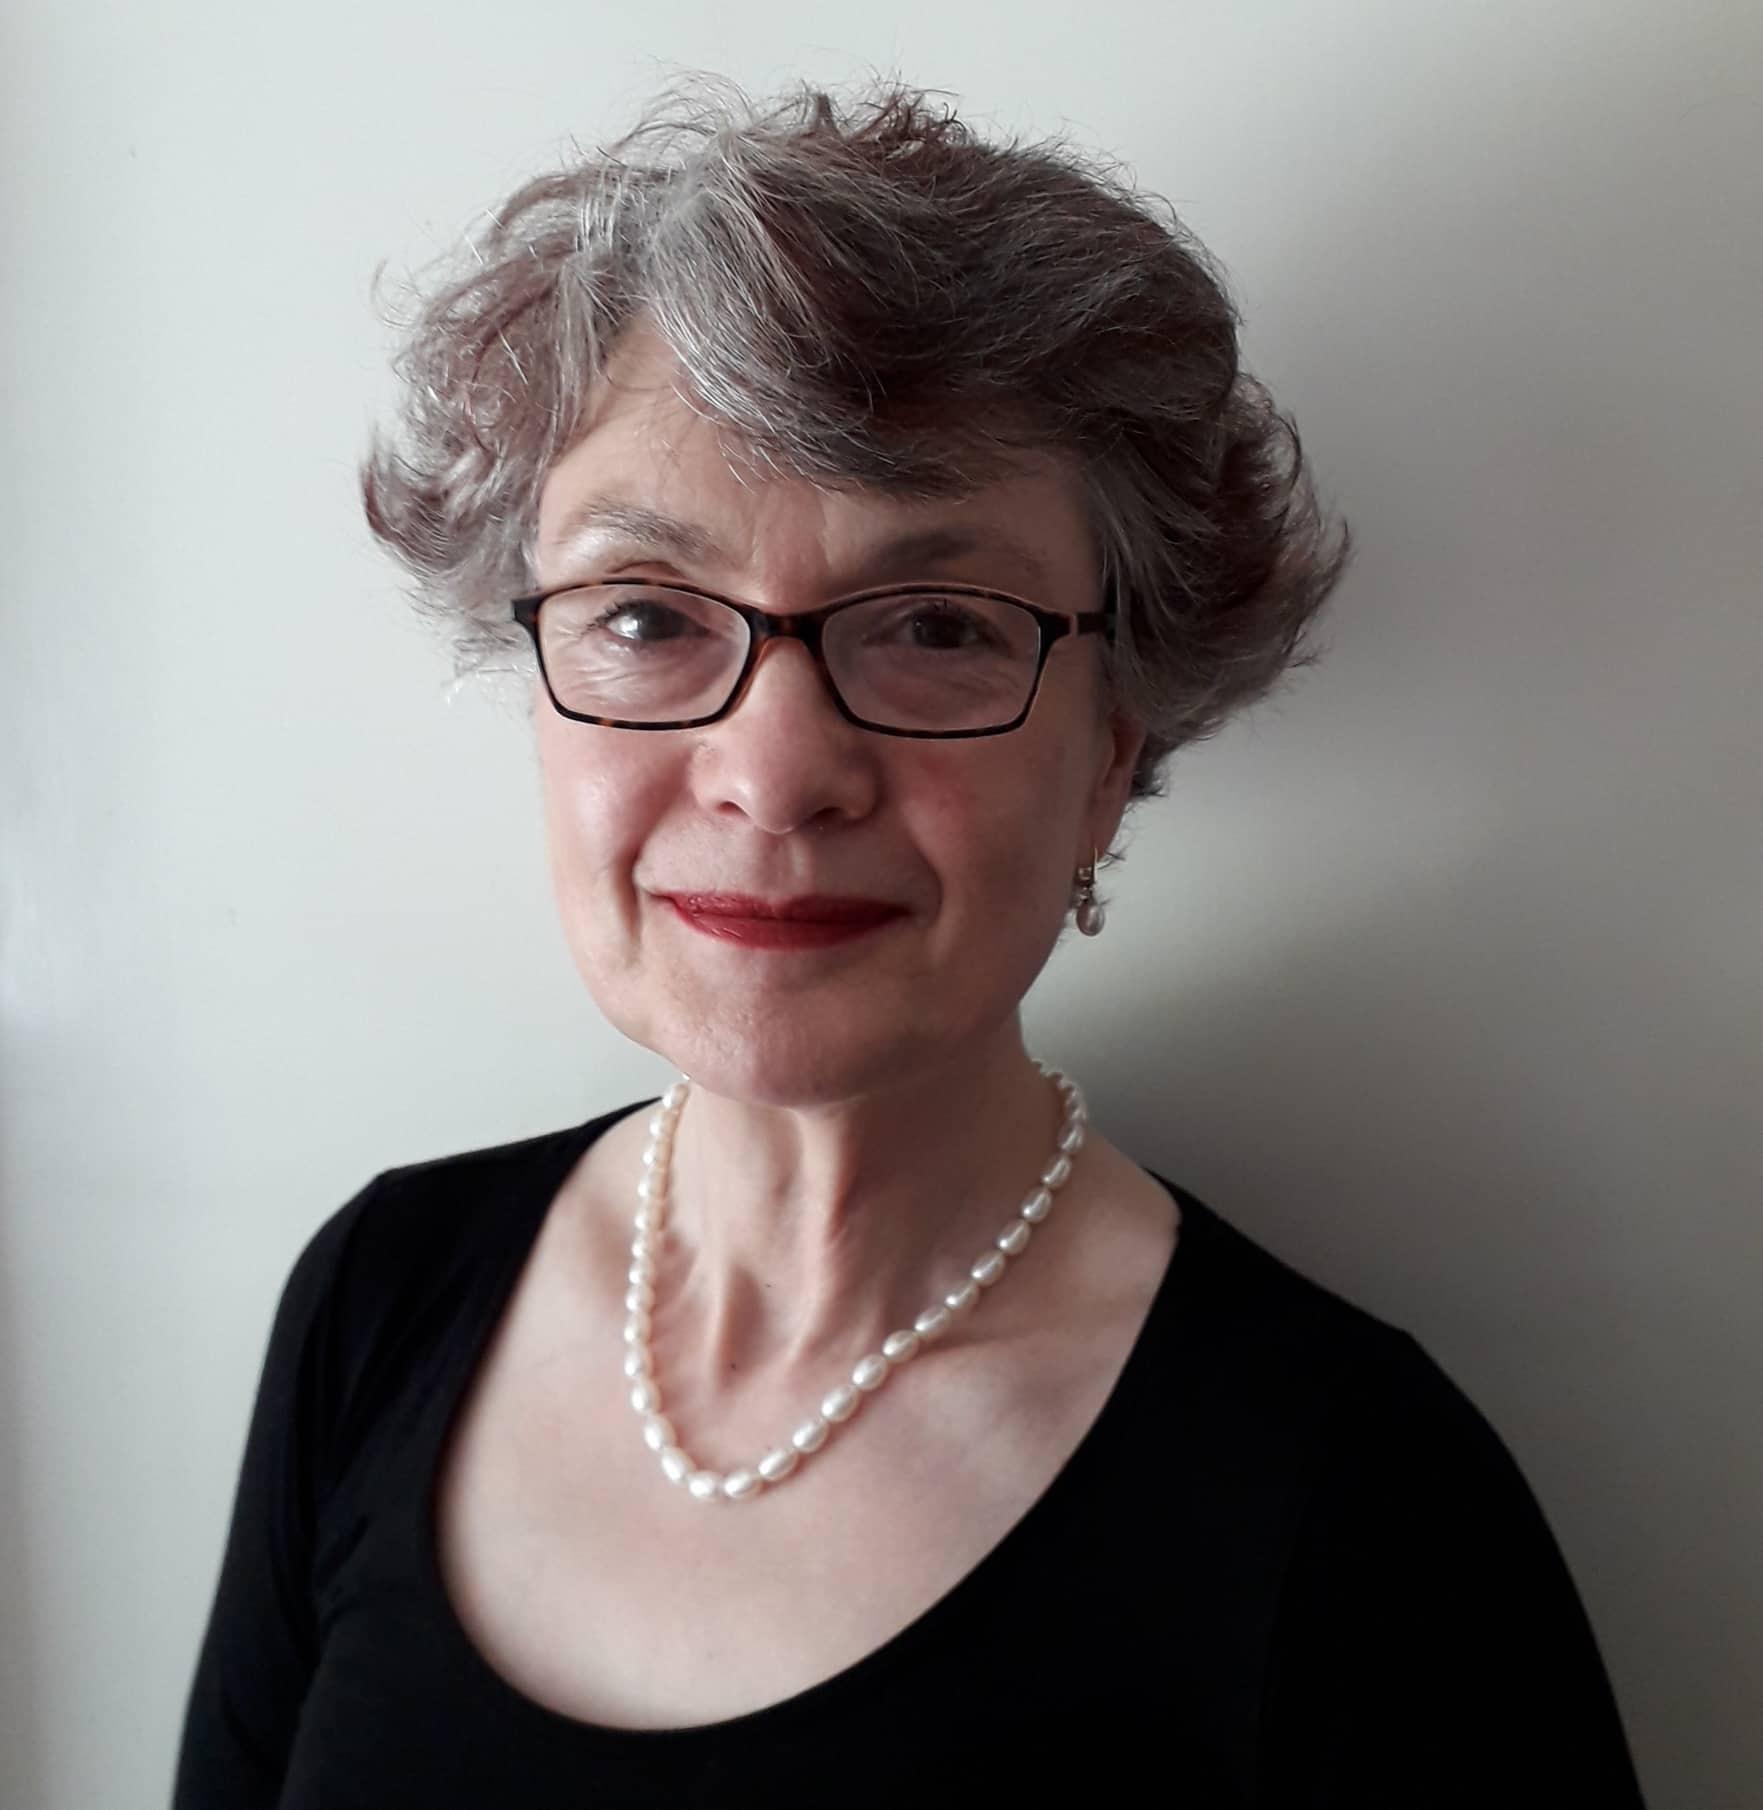 Dr. Jenny Leeser MBBS MRCP FFOM